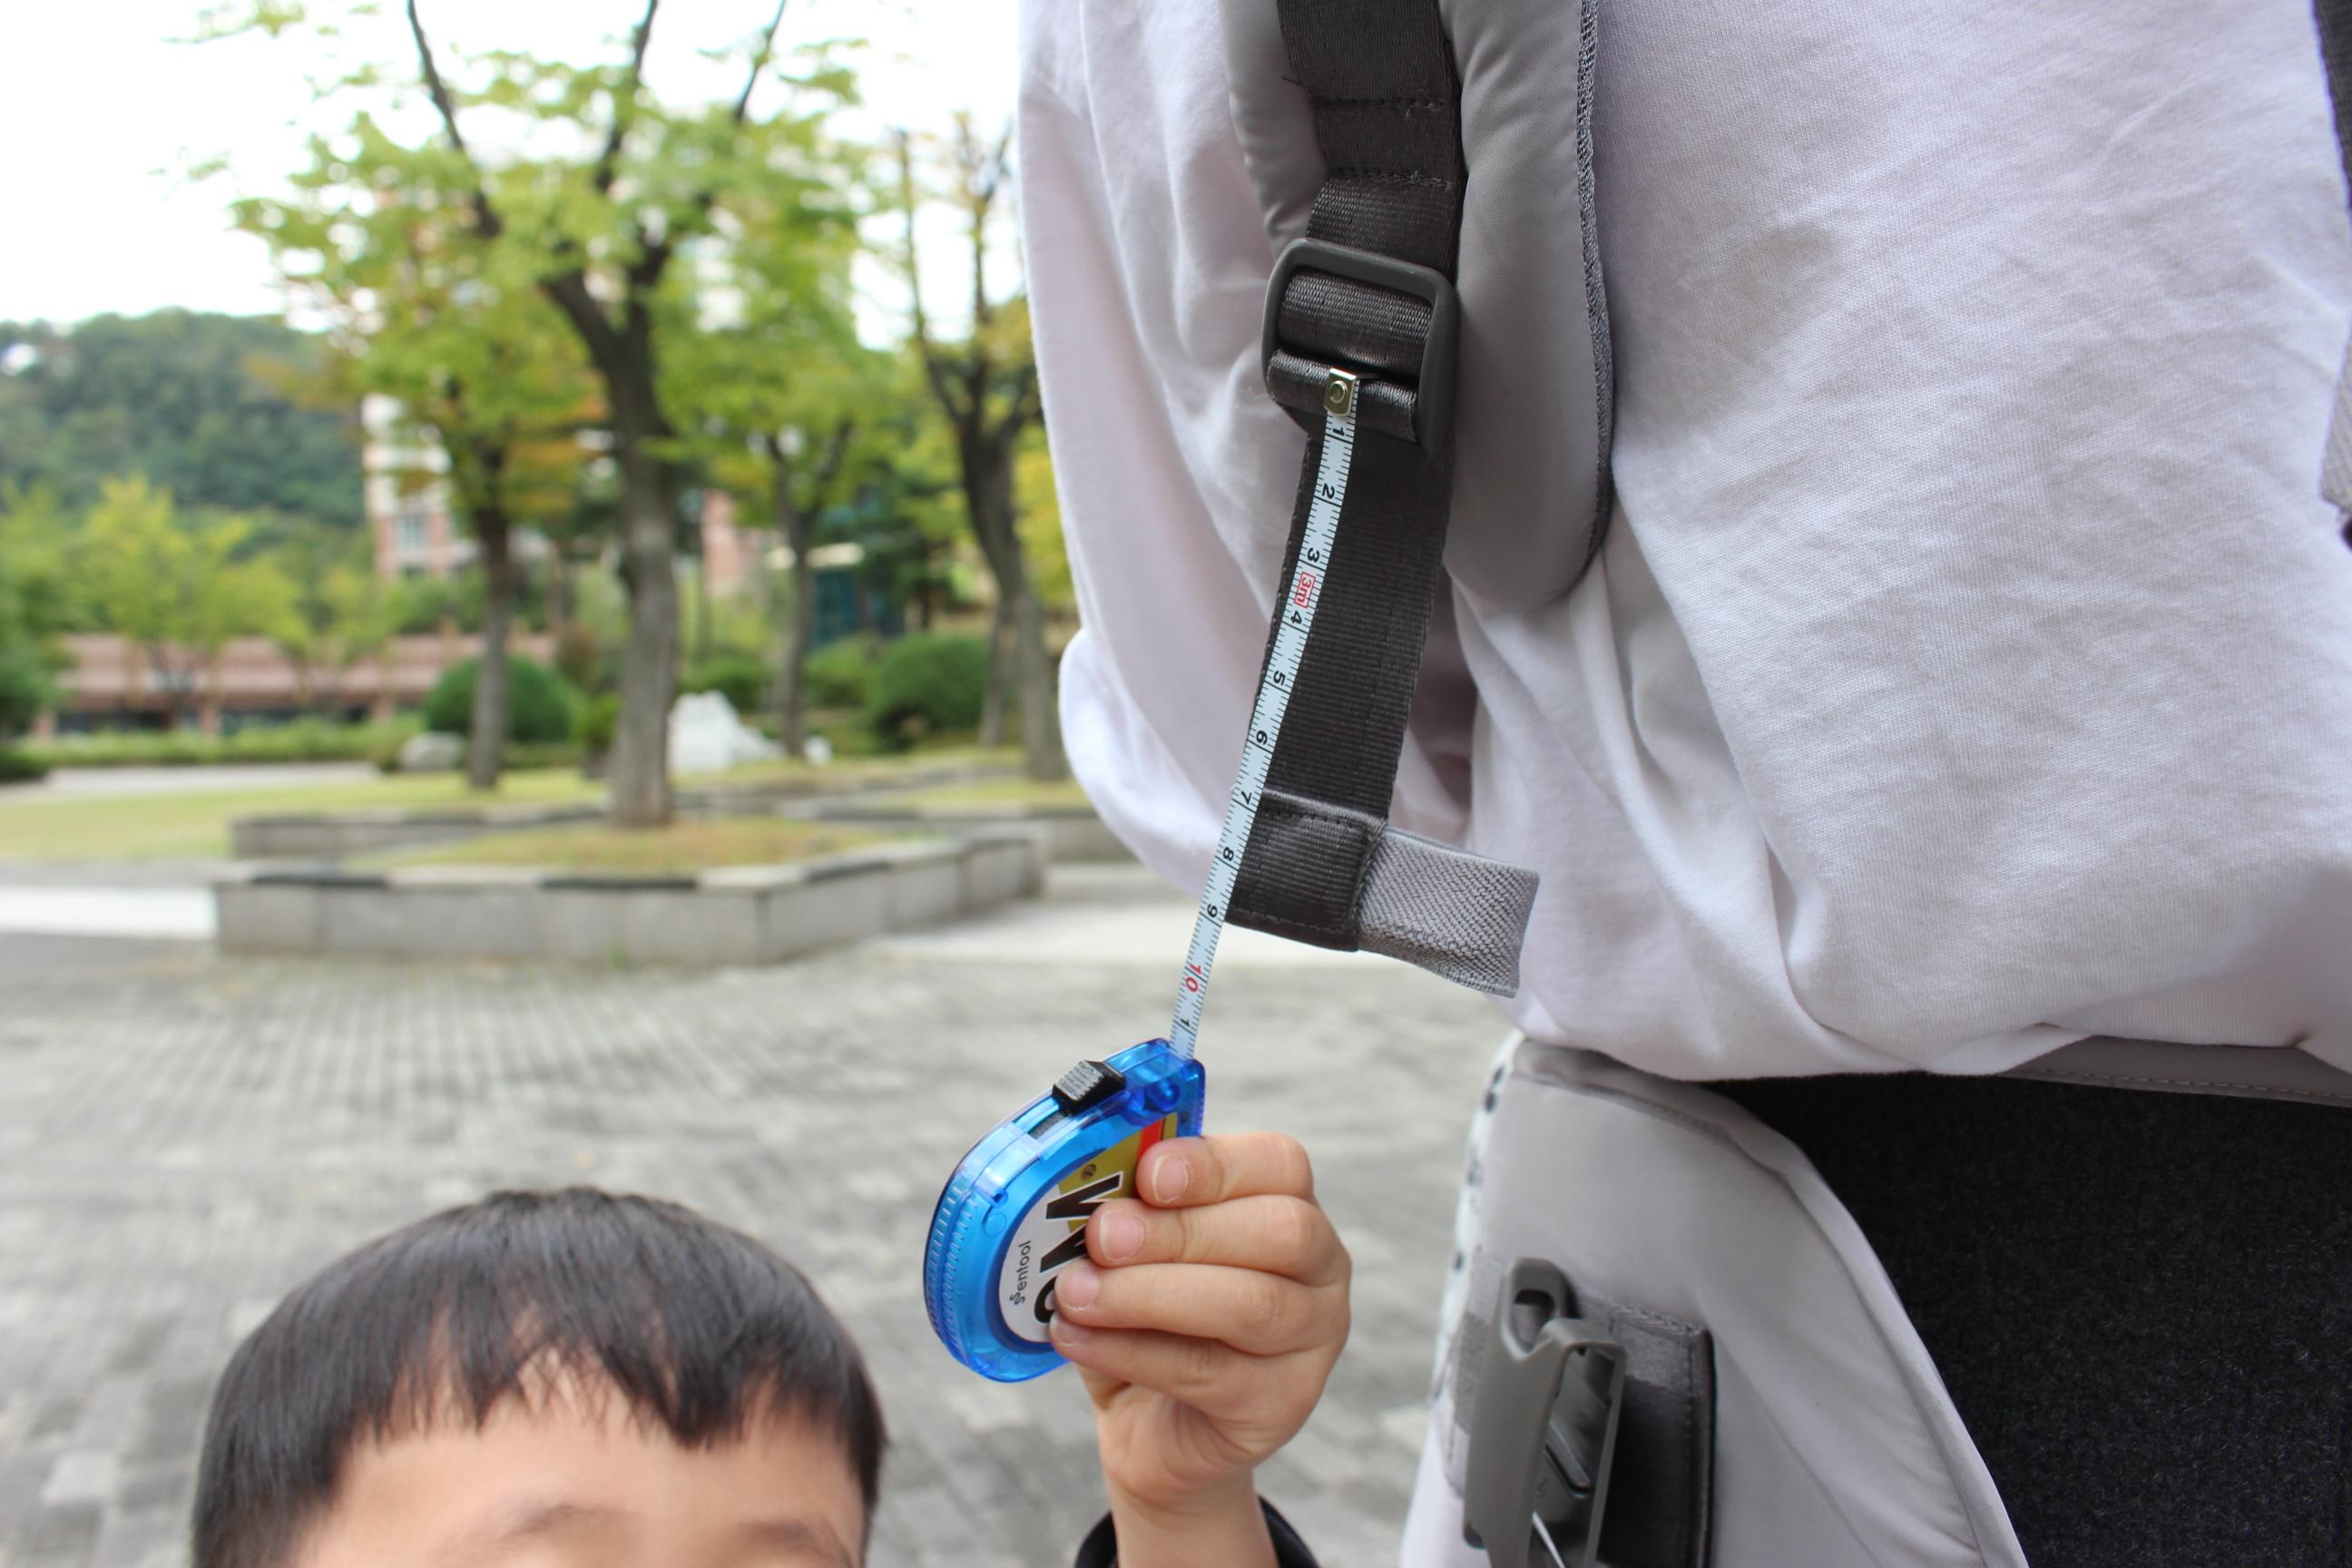 다이얼핏 힙시트 아기띠 어깨 스트랩 웨빙 길이 측정